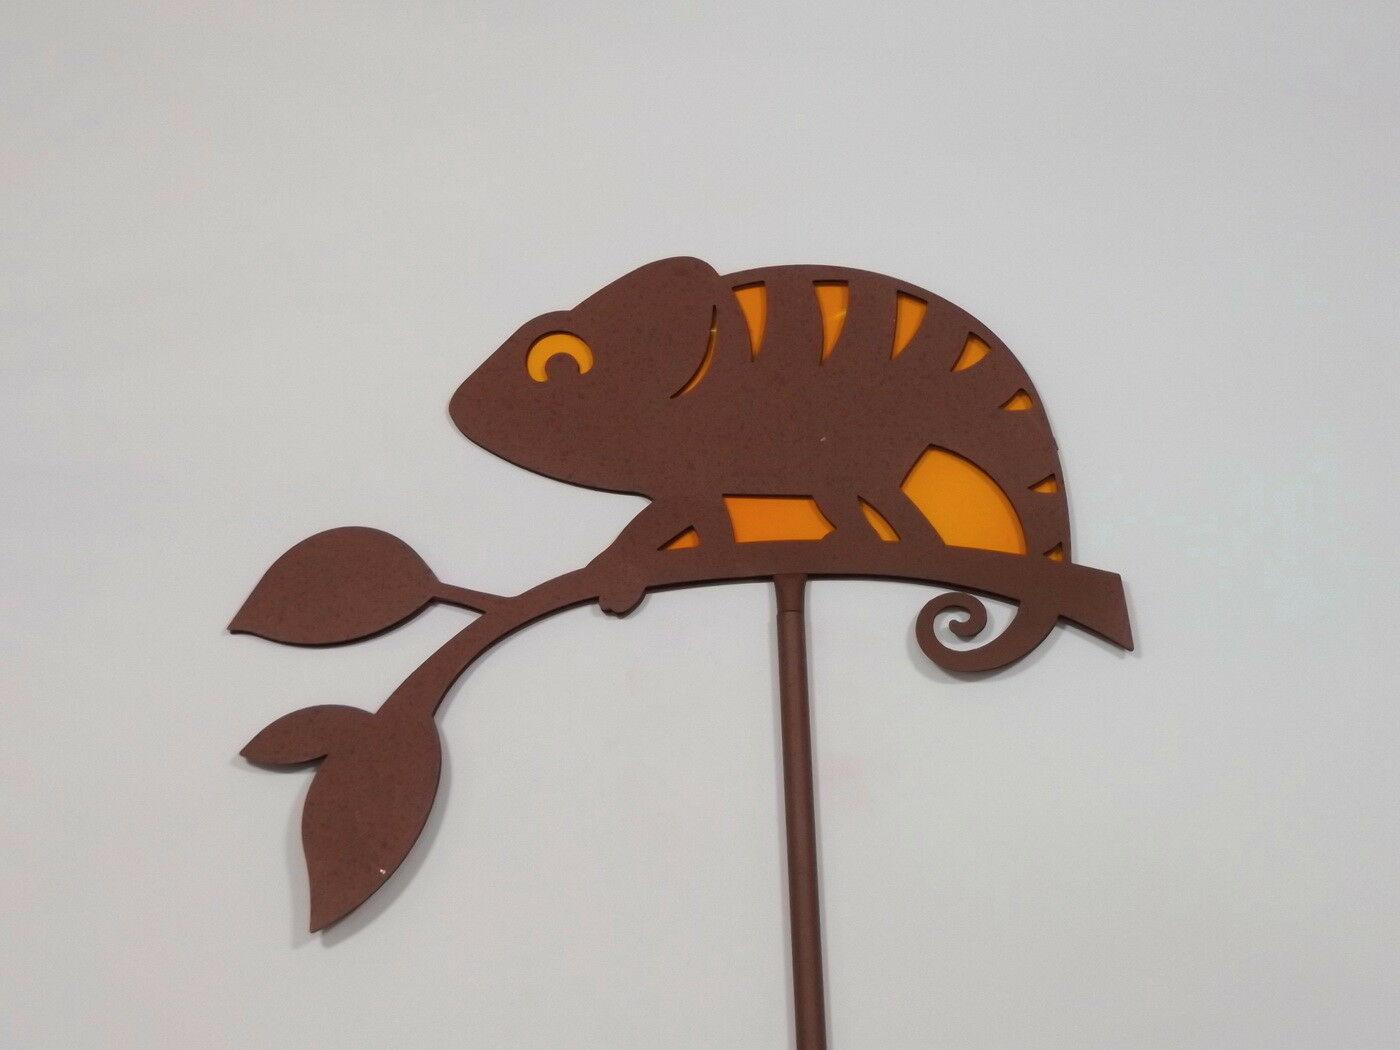 garten stecker metall camleon edelrost stab deko figur gecko lurch rankhilfe